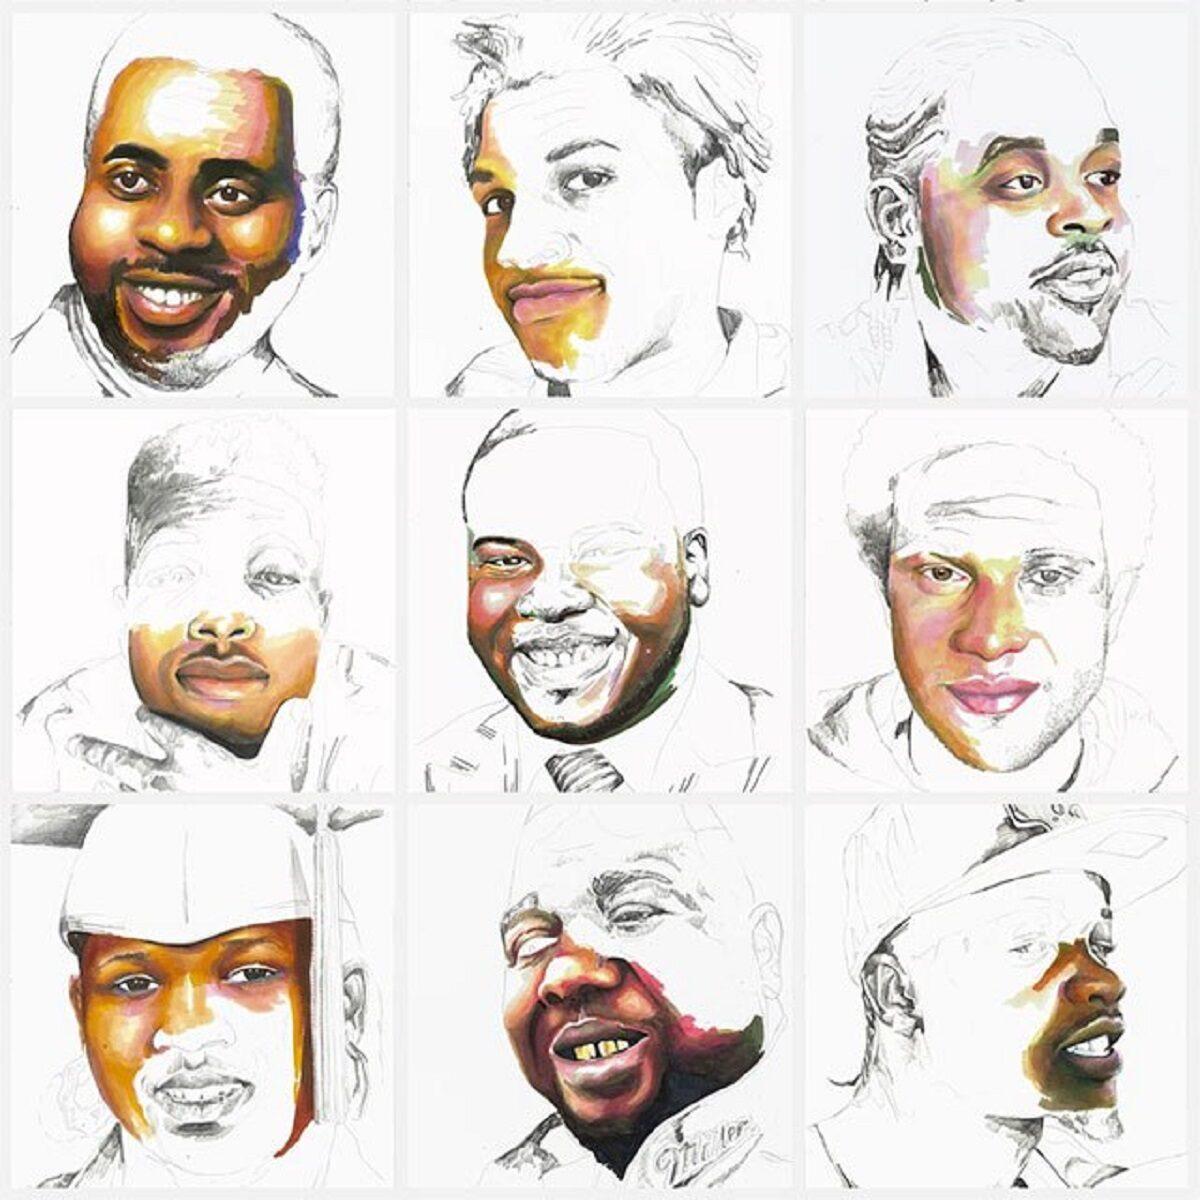 Stolen artista Adrian Brandon cria obra dedicada a negros mortos por policiais 13